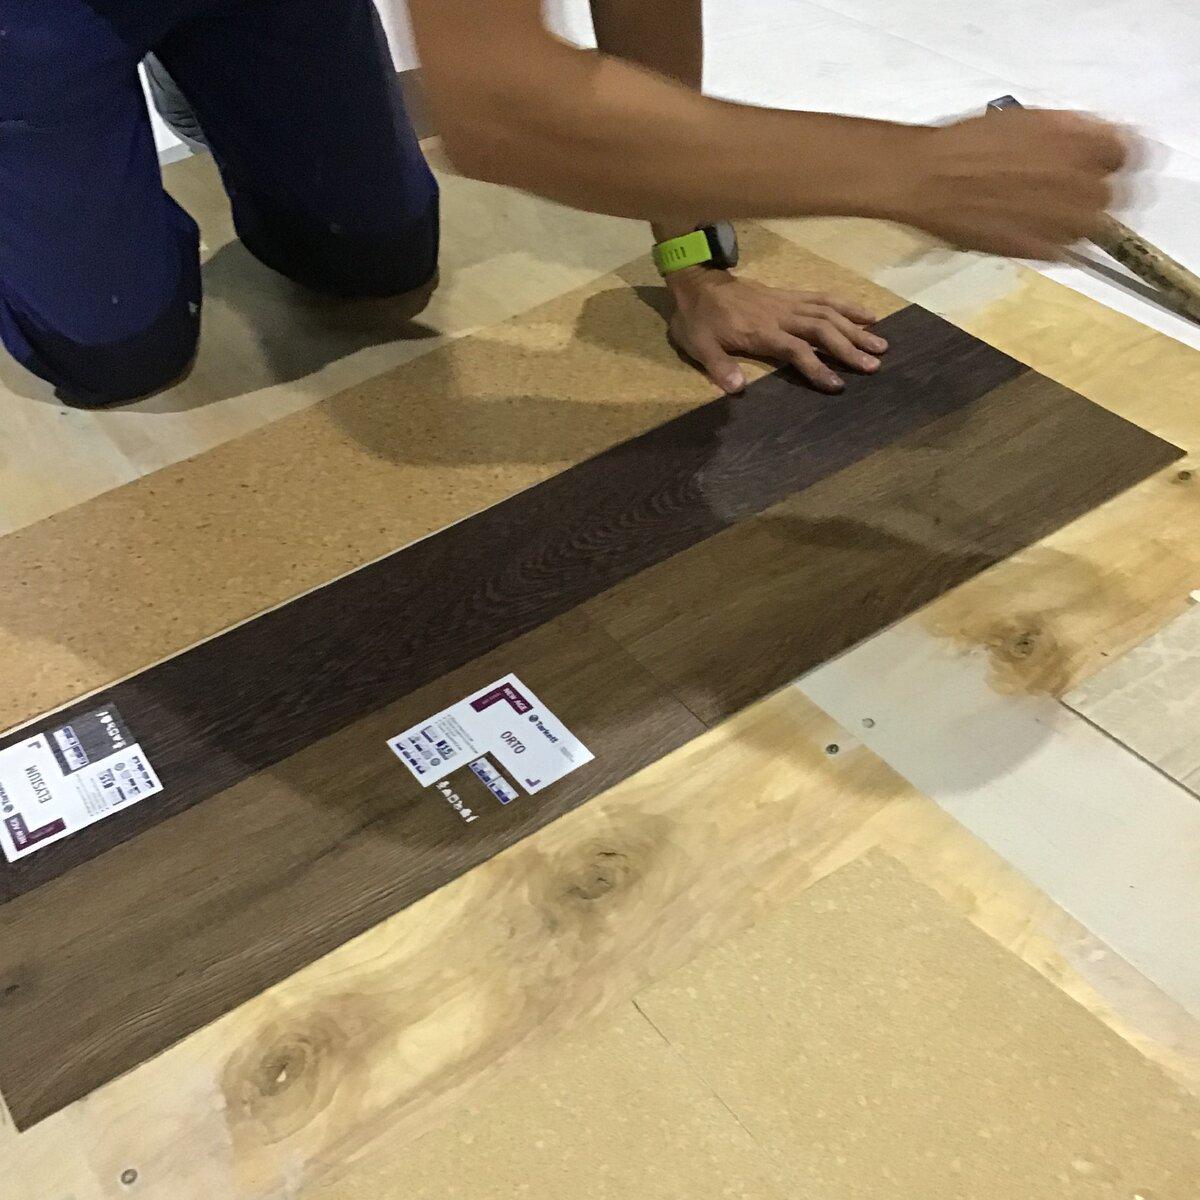 Укладка пвх плитки на пол своими руками: советы профессионалов